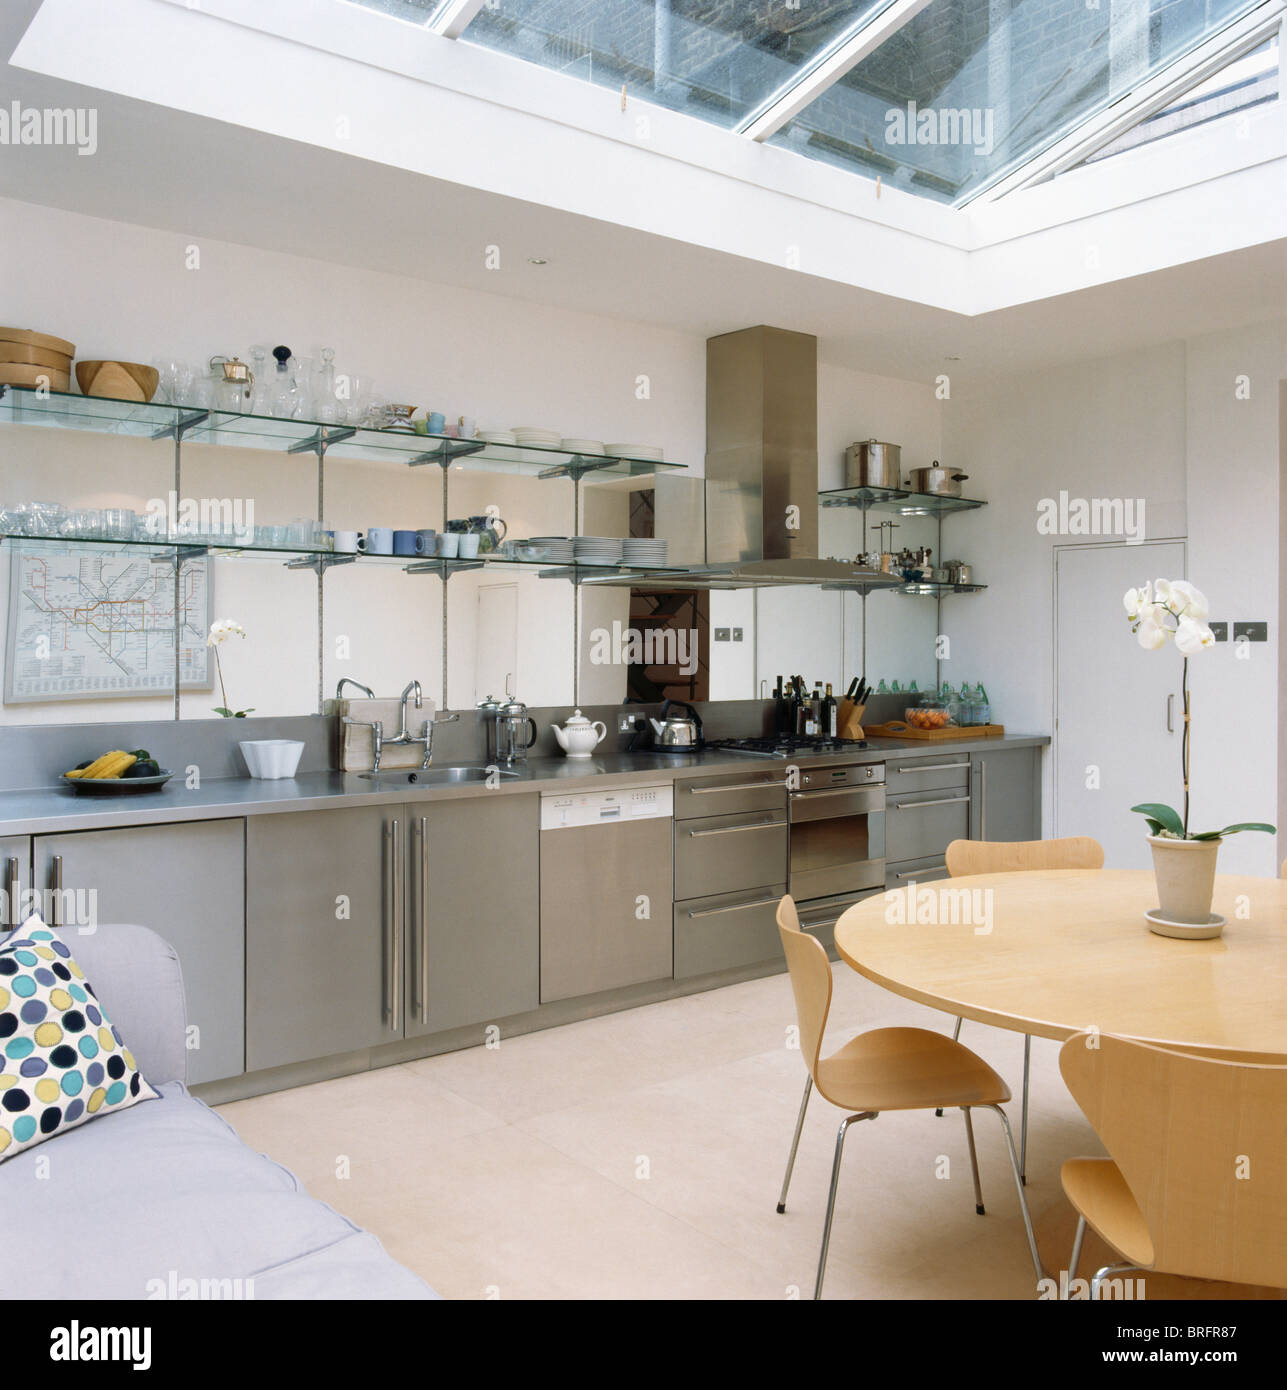 Glas Regal über Edelstahl-Einheiten in moderne Küche Esszimmer mit ...